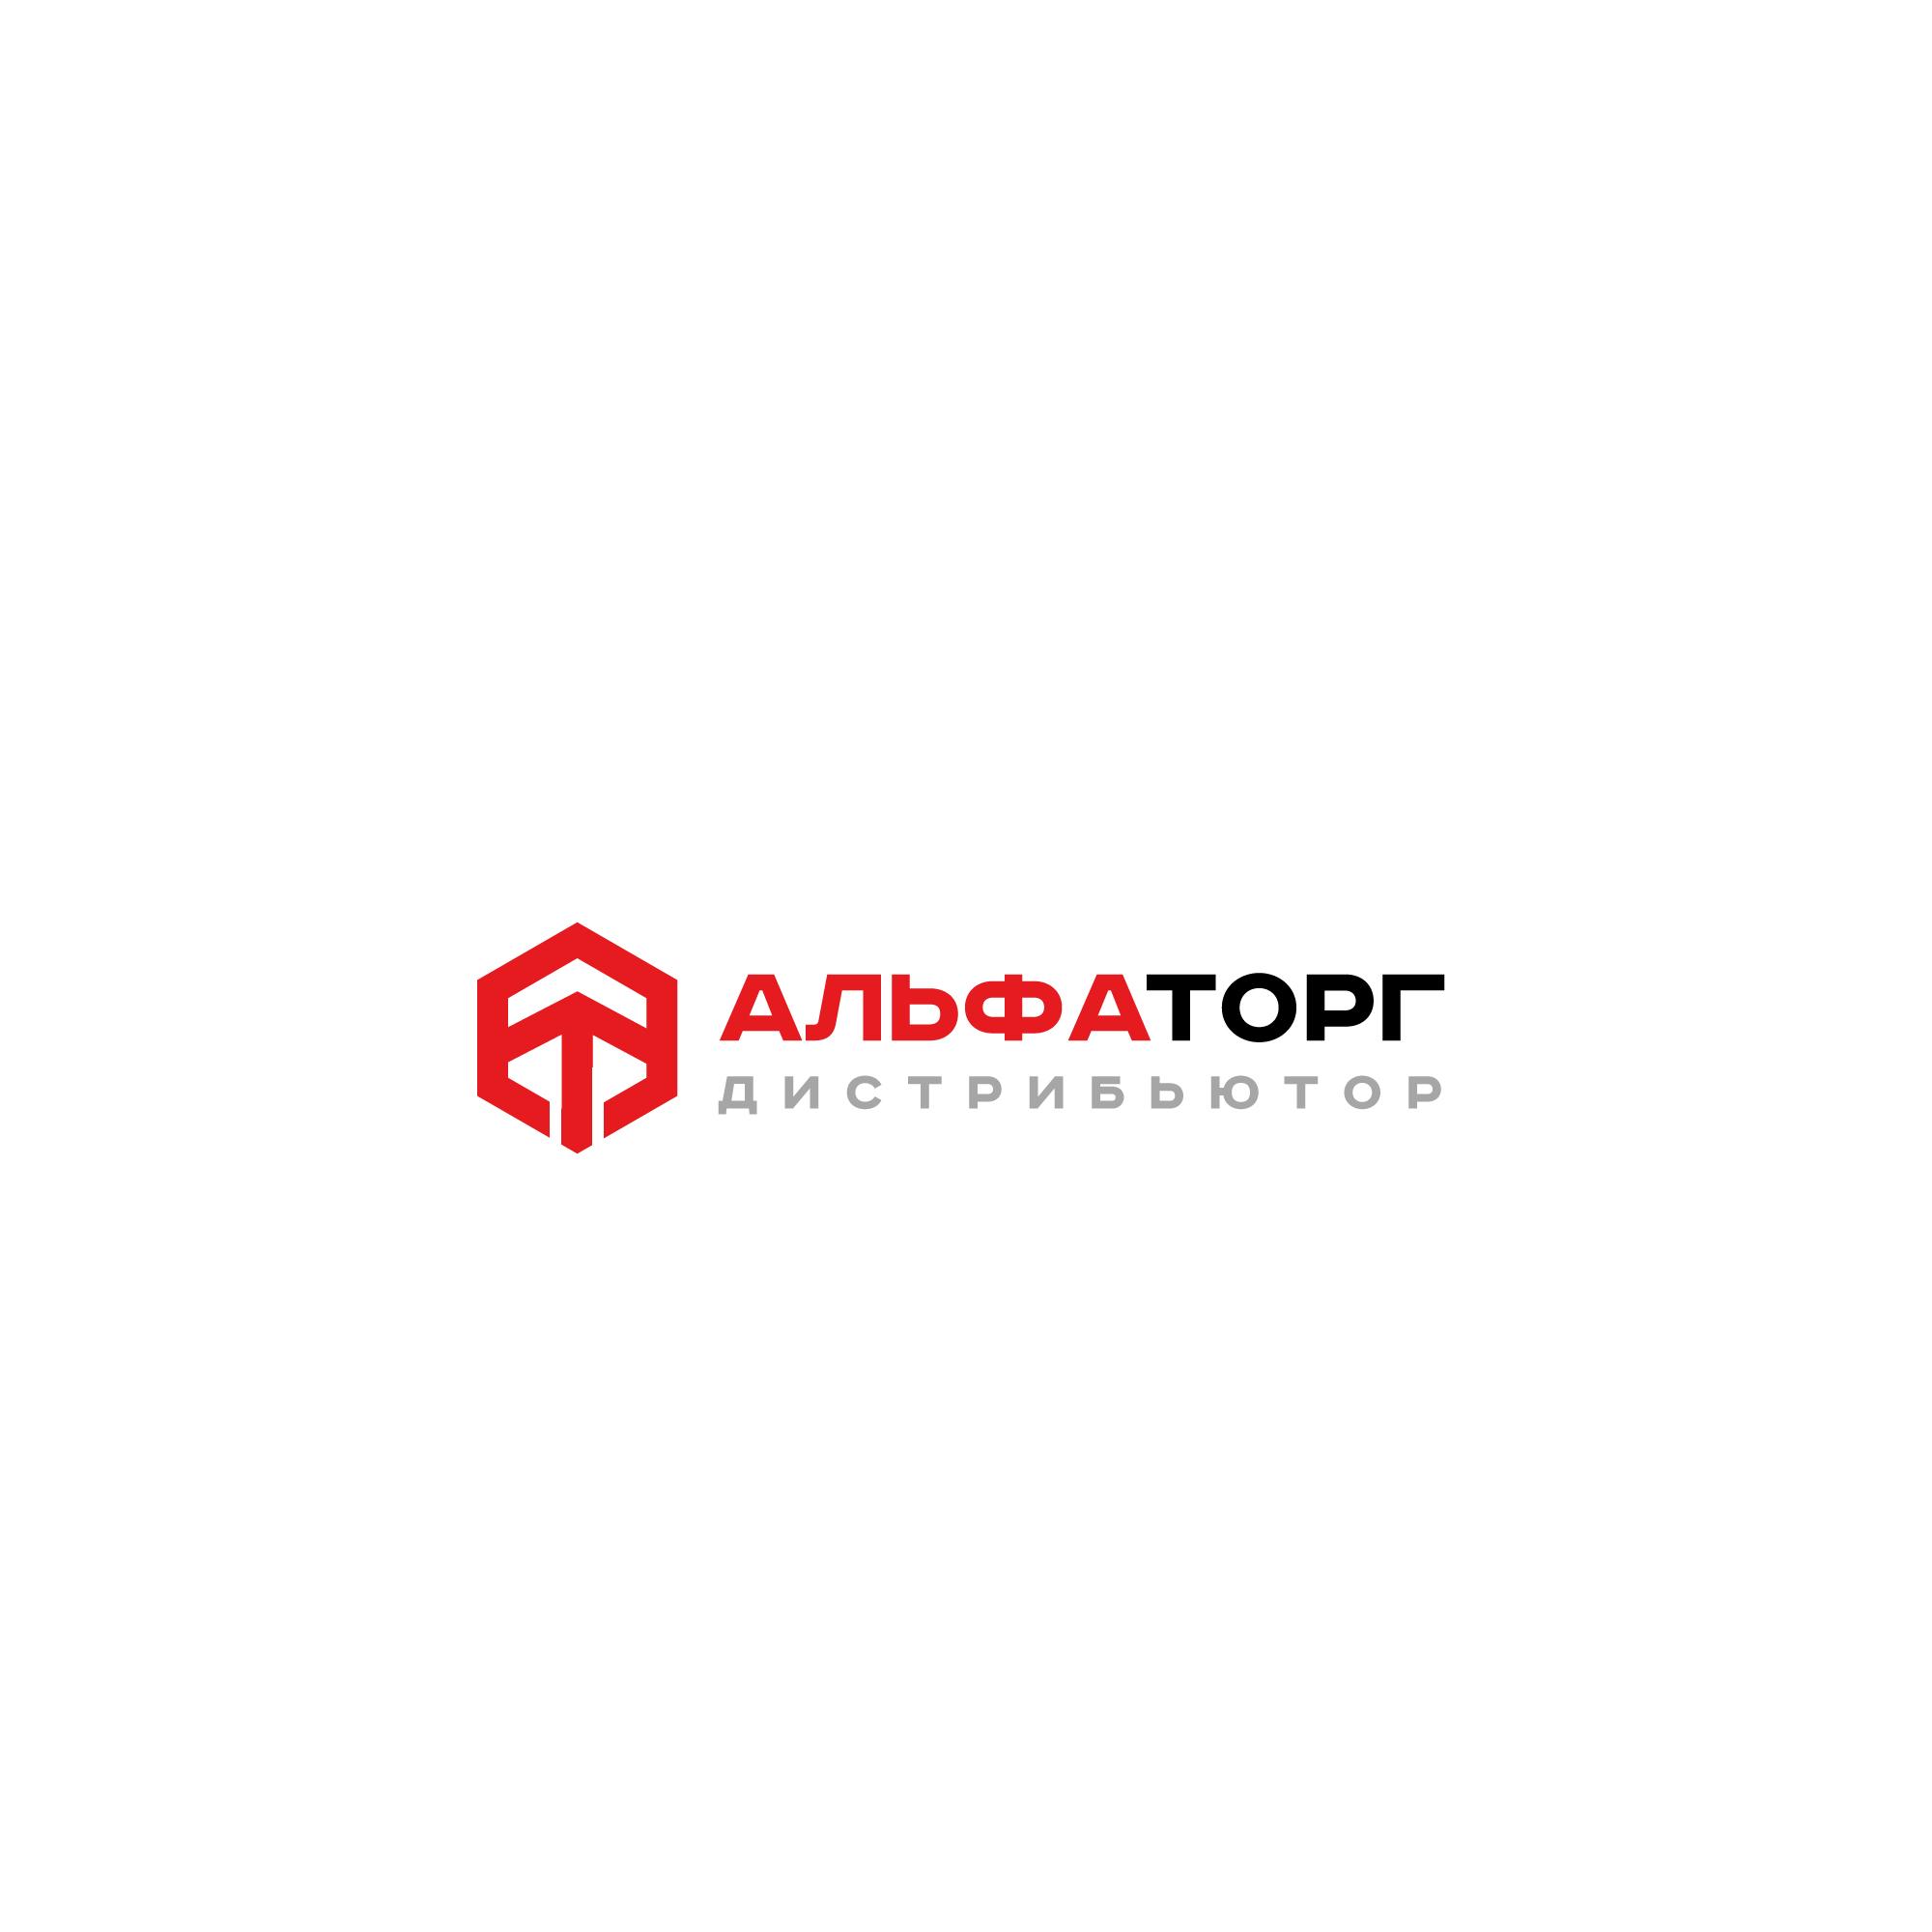 Логотип и фирменный стиль фото f_5035f02fed59df0c.jpg